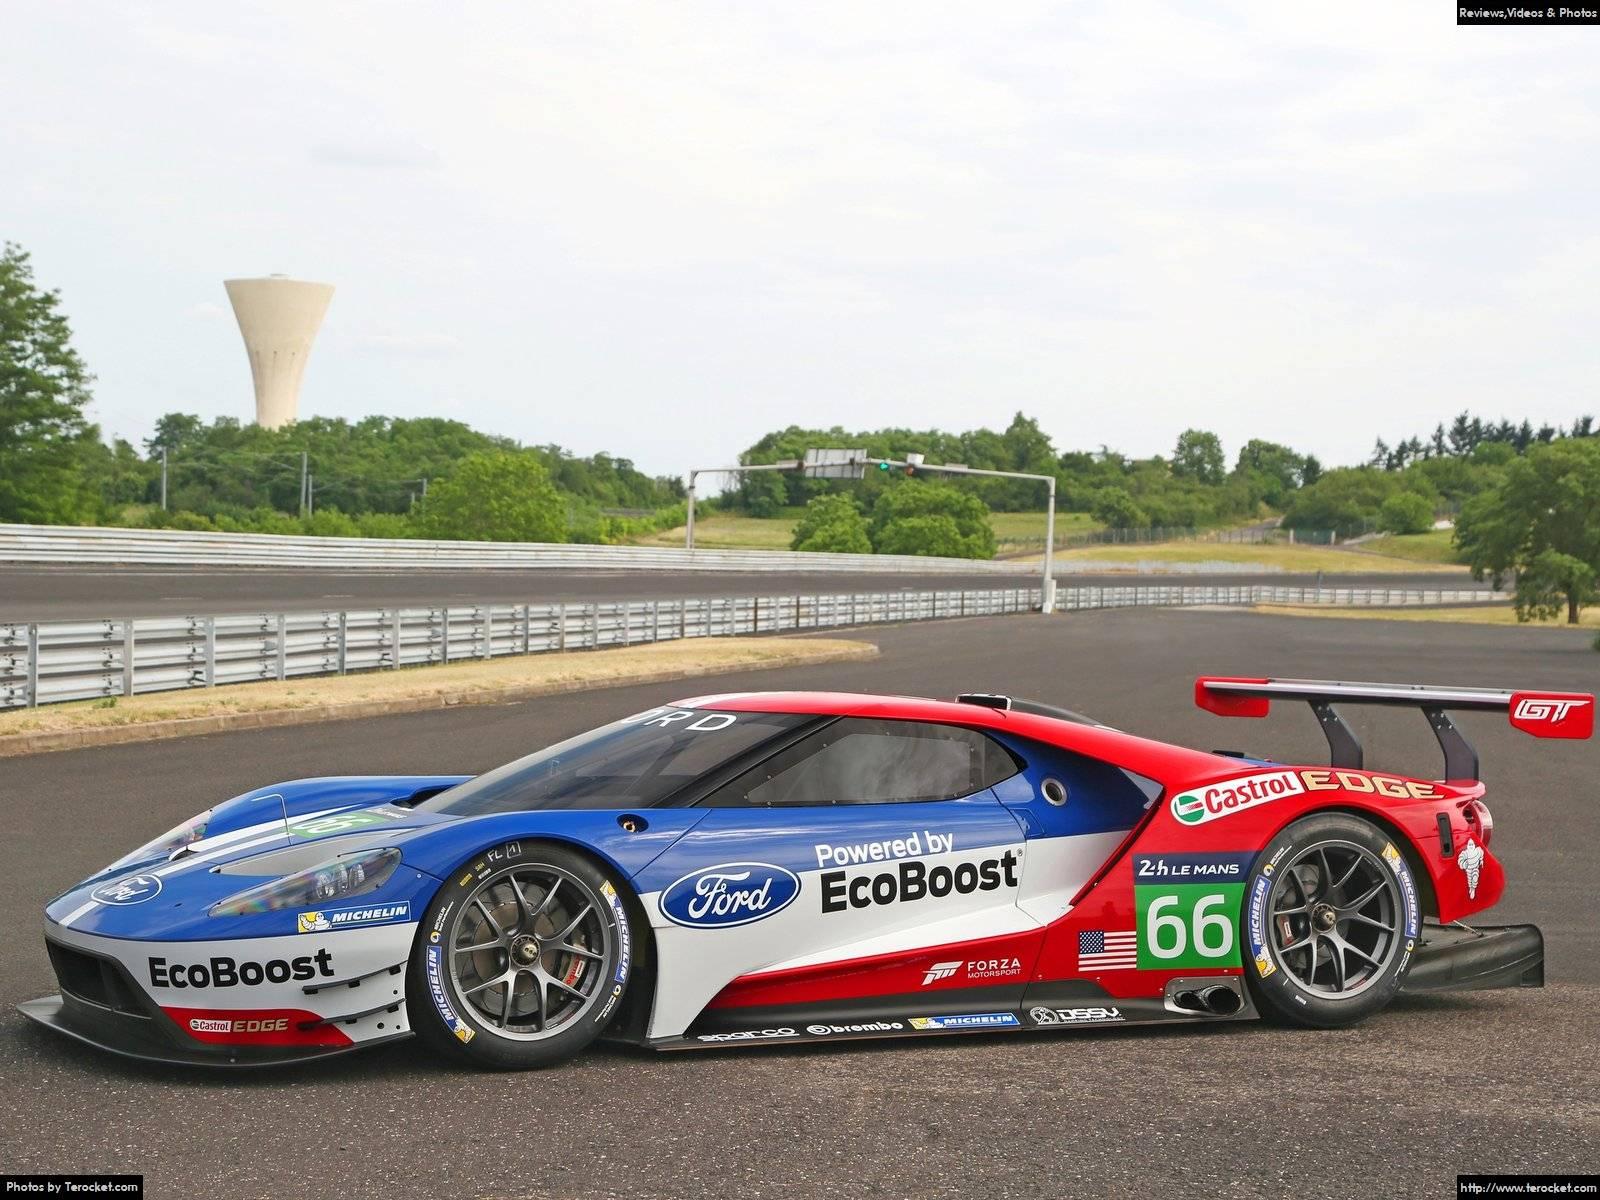 Ford GT Le Mans Racecar 2016 - Siêu phẩm mới đã trở lại